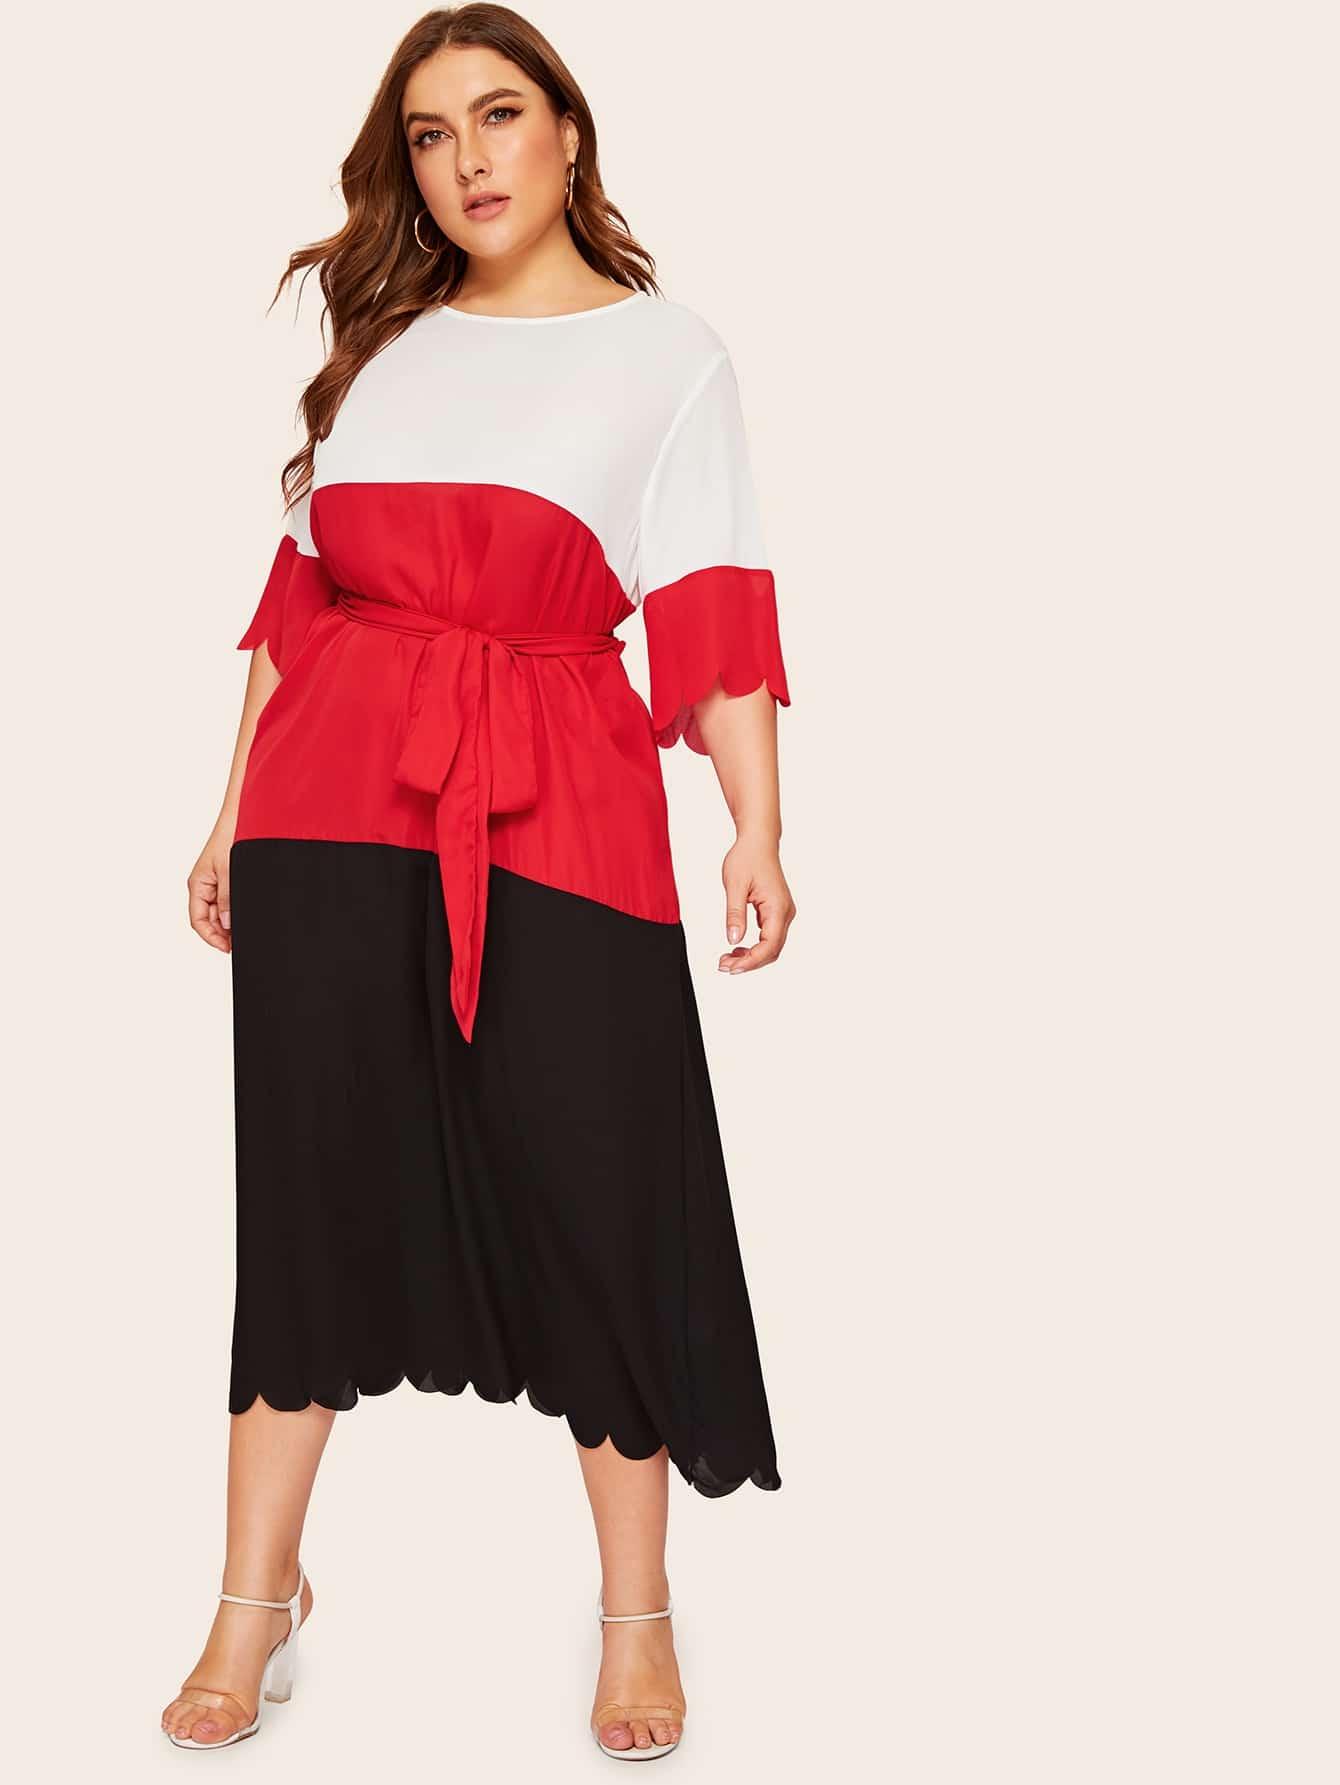 Размера плюс контрастное платье с поясом и веерообразной отделкой